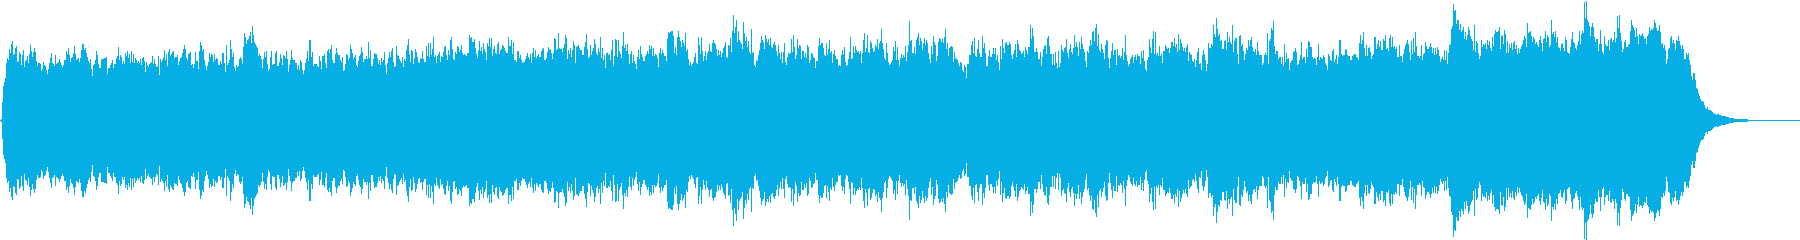 パイプオルガンの荘厳なオリジナル曲です。の再生済みの波形